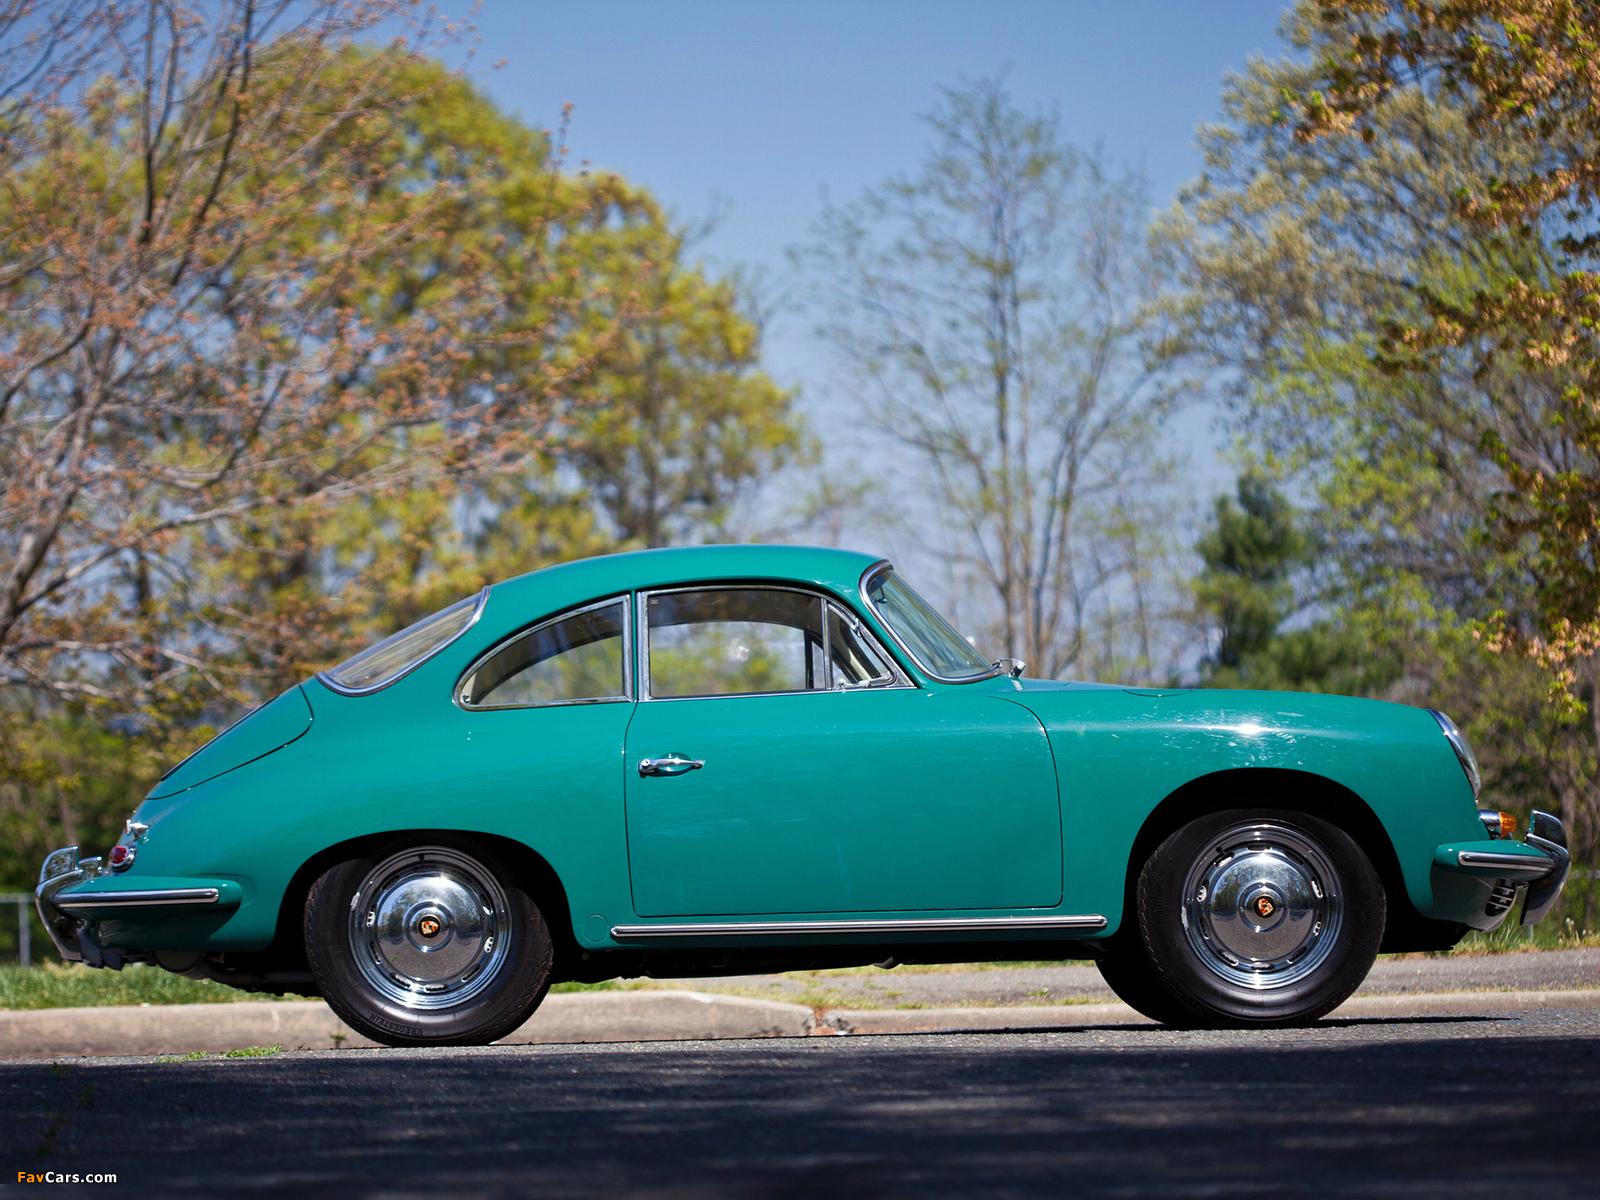 Porsche 356b 1600 Super 90 Coupe T6 1962 63 Images 1600x1200